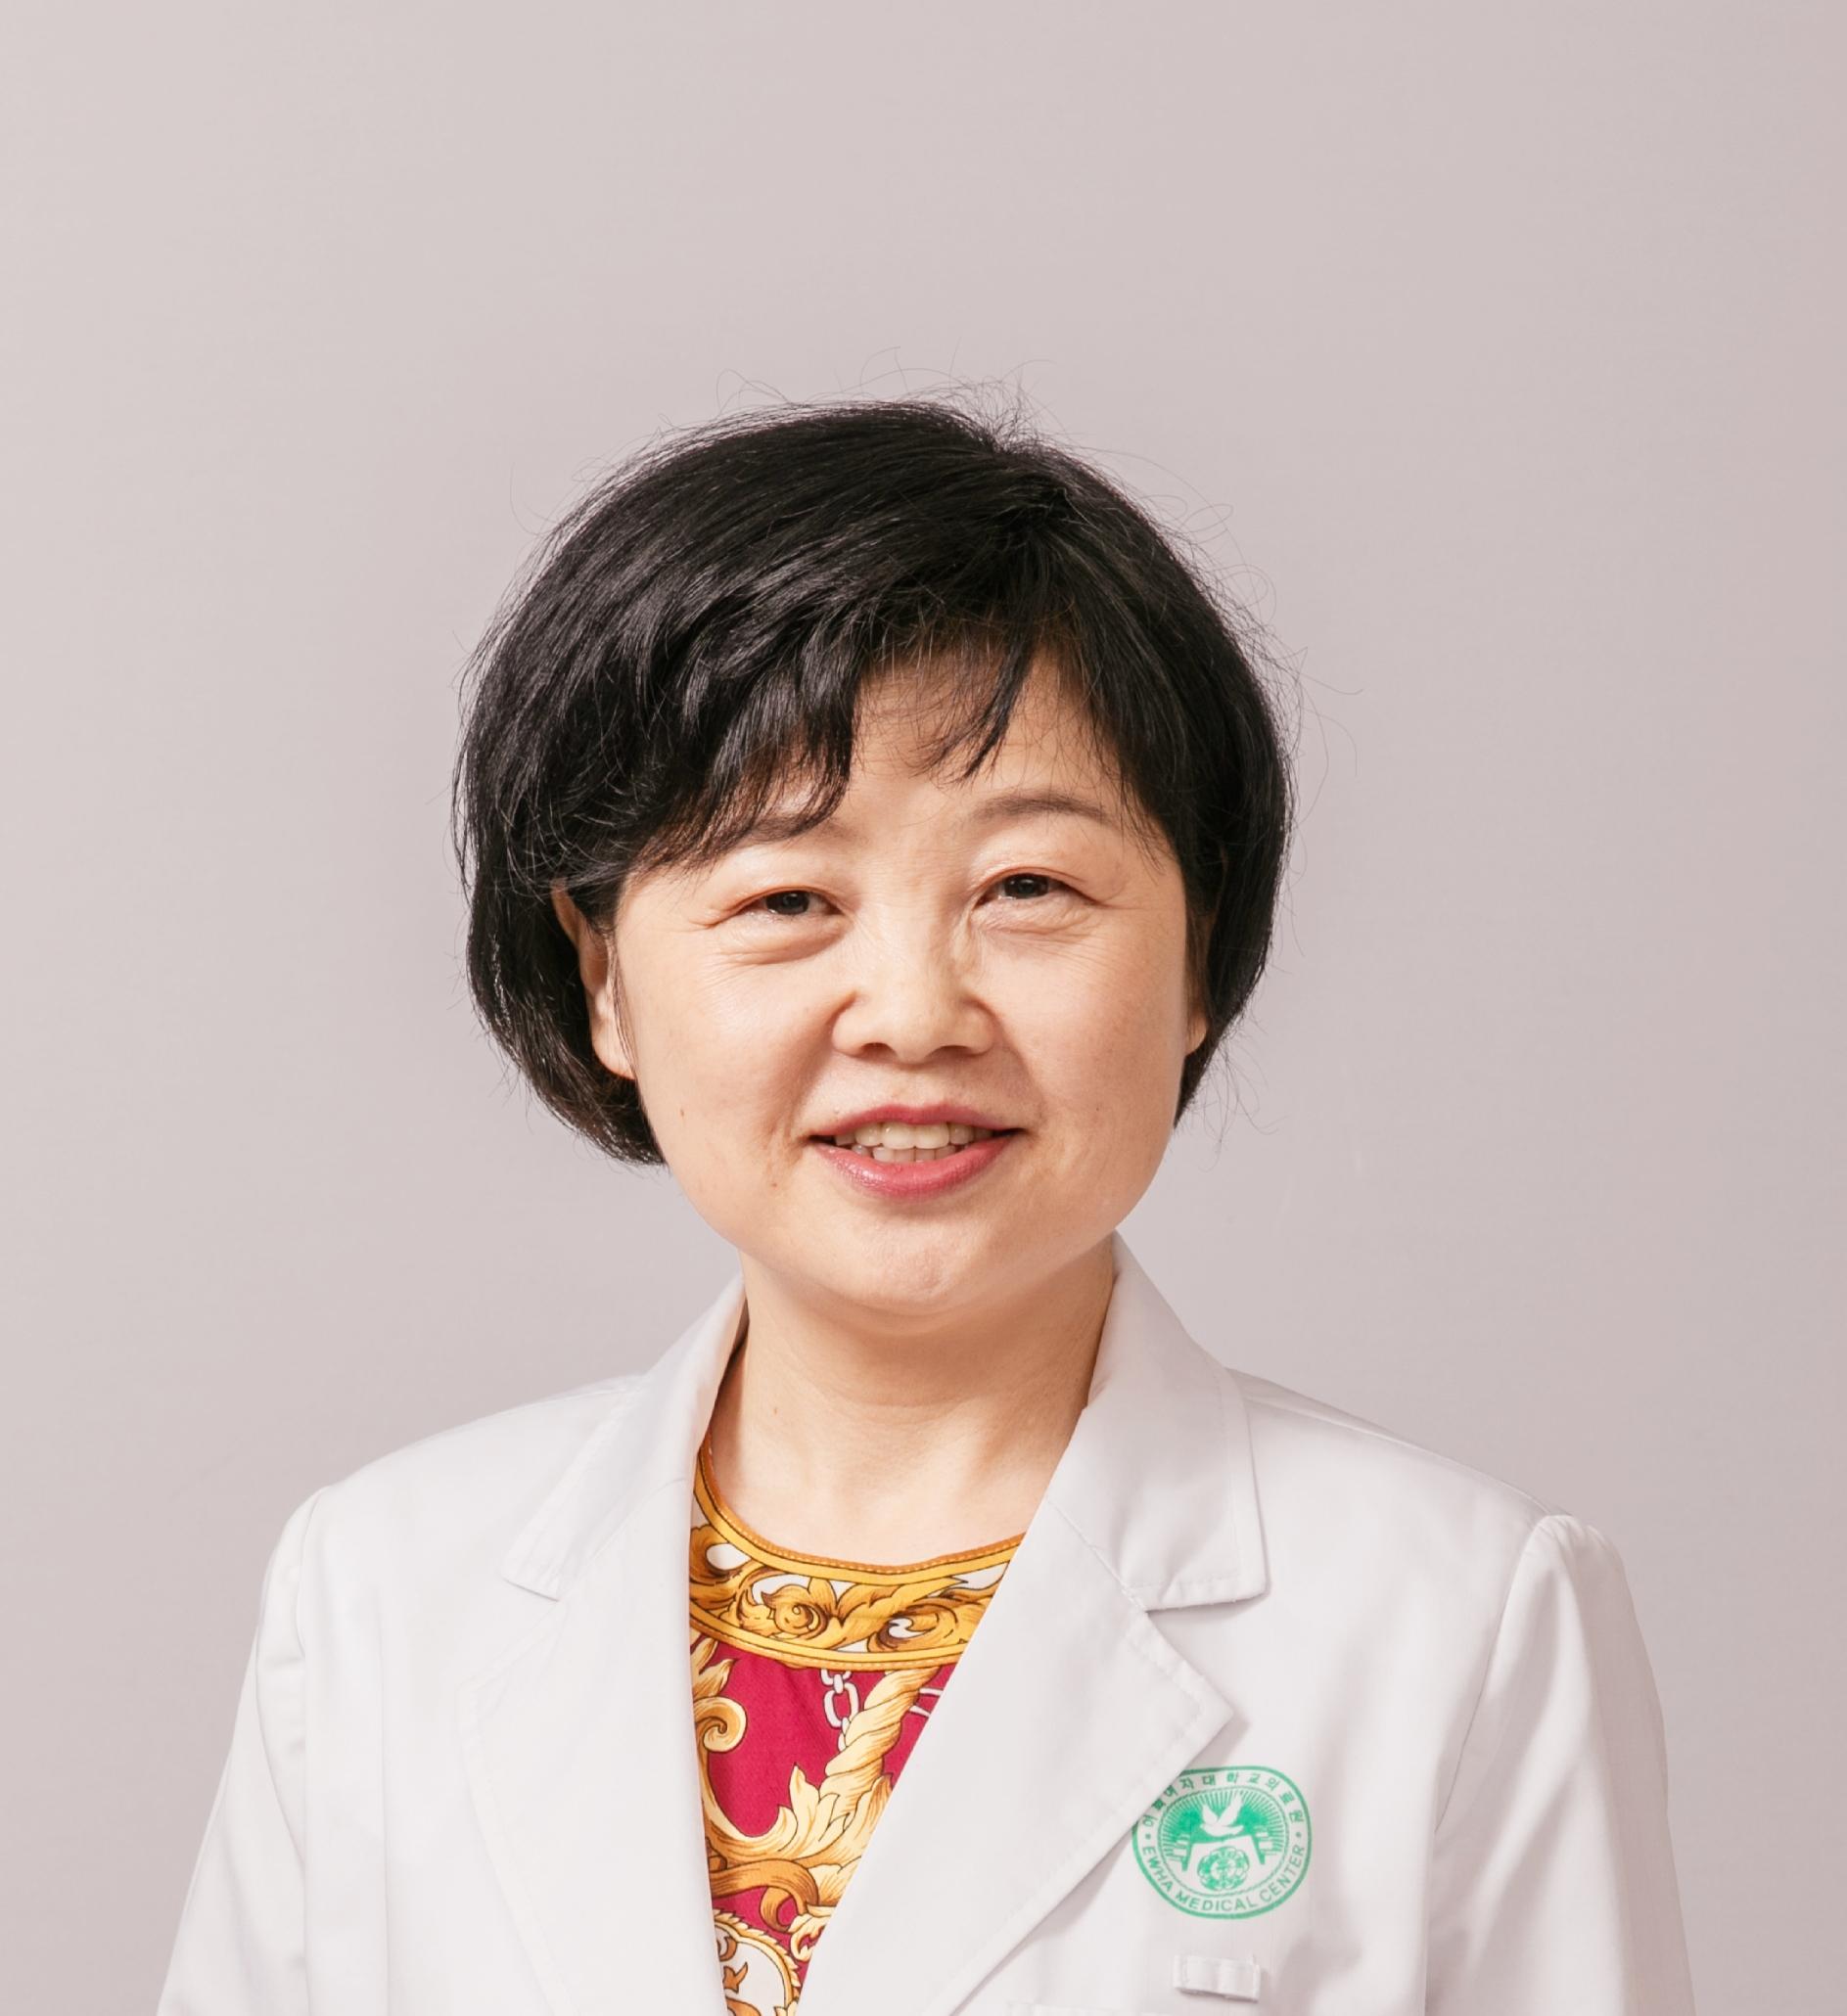 박은애 프로필 사진